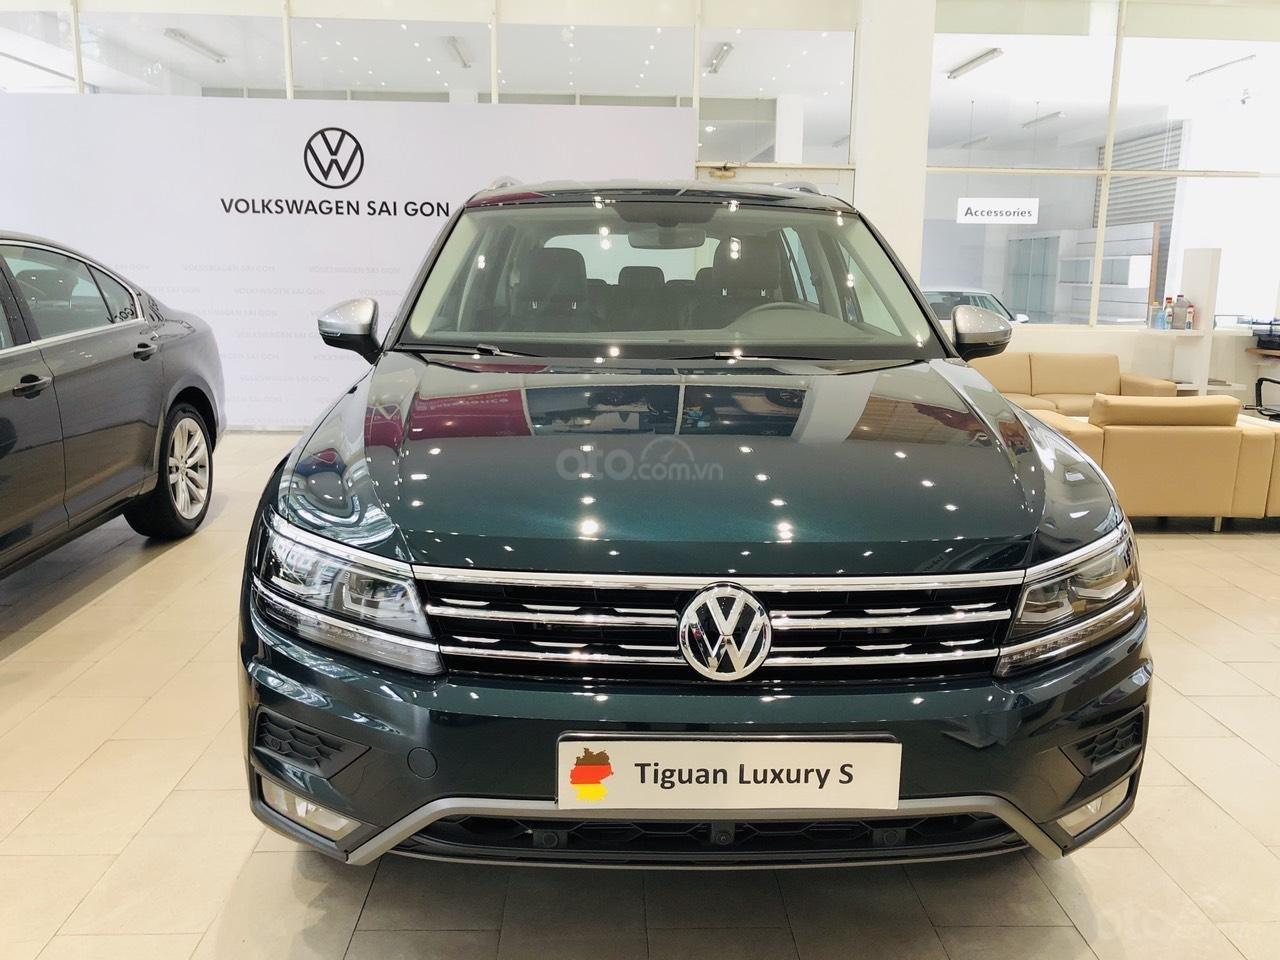 Volkswagen Tiguan Luxury S xanh rêu lạ mắt - xe Đức nhập khẩu 100% - giao ngay (3)